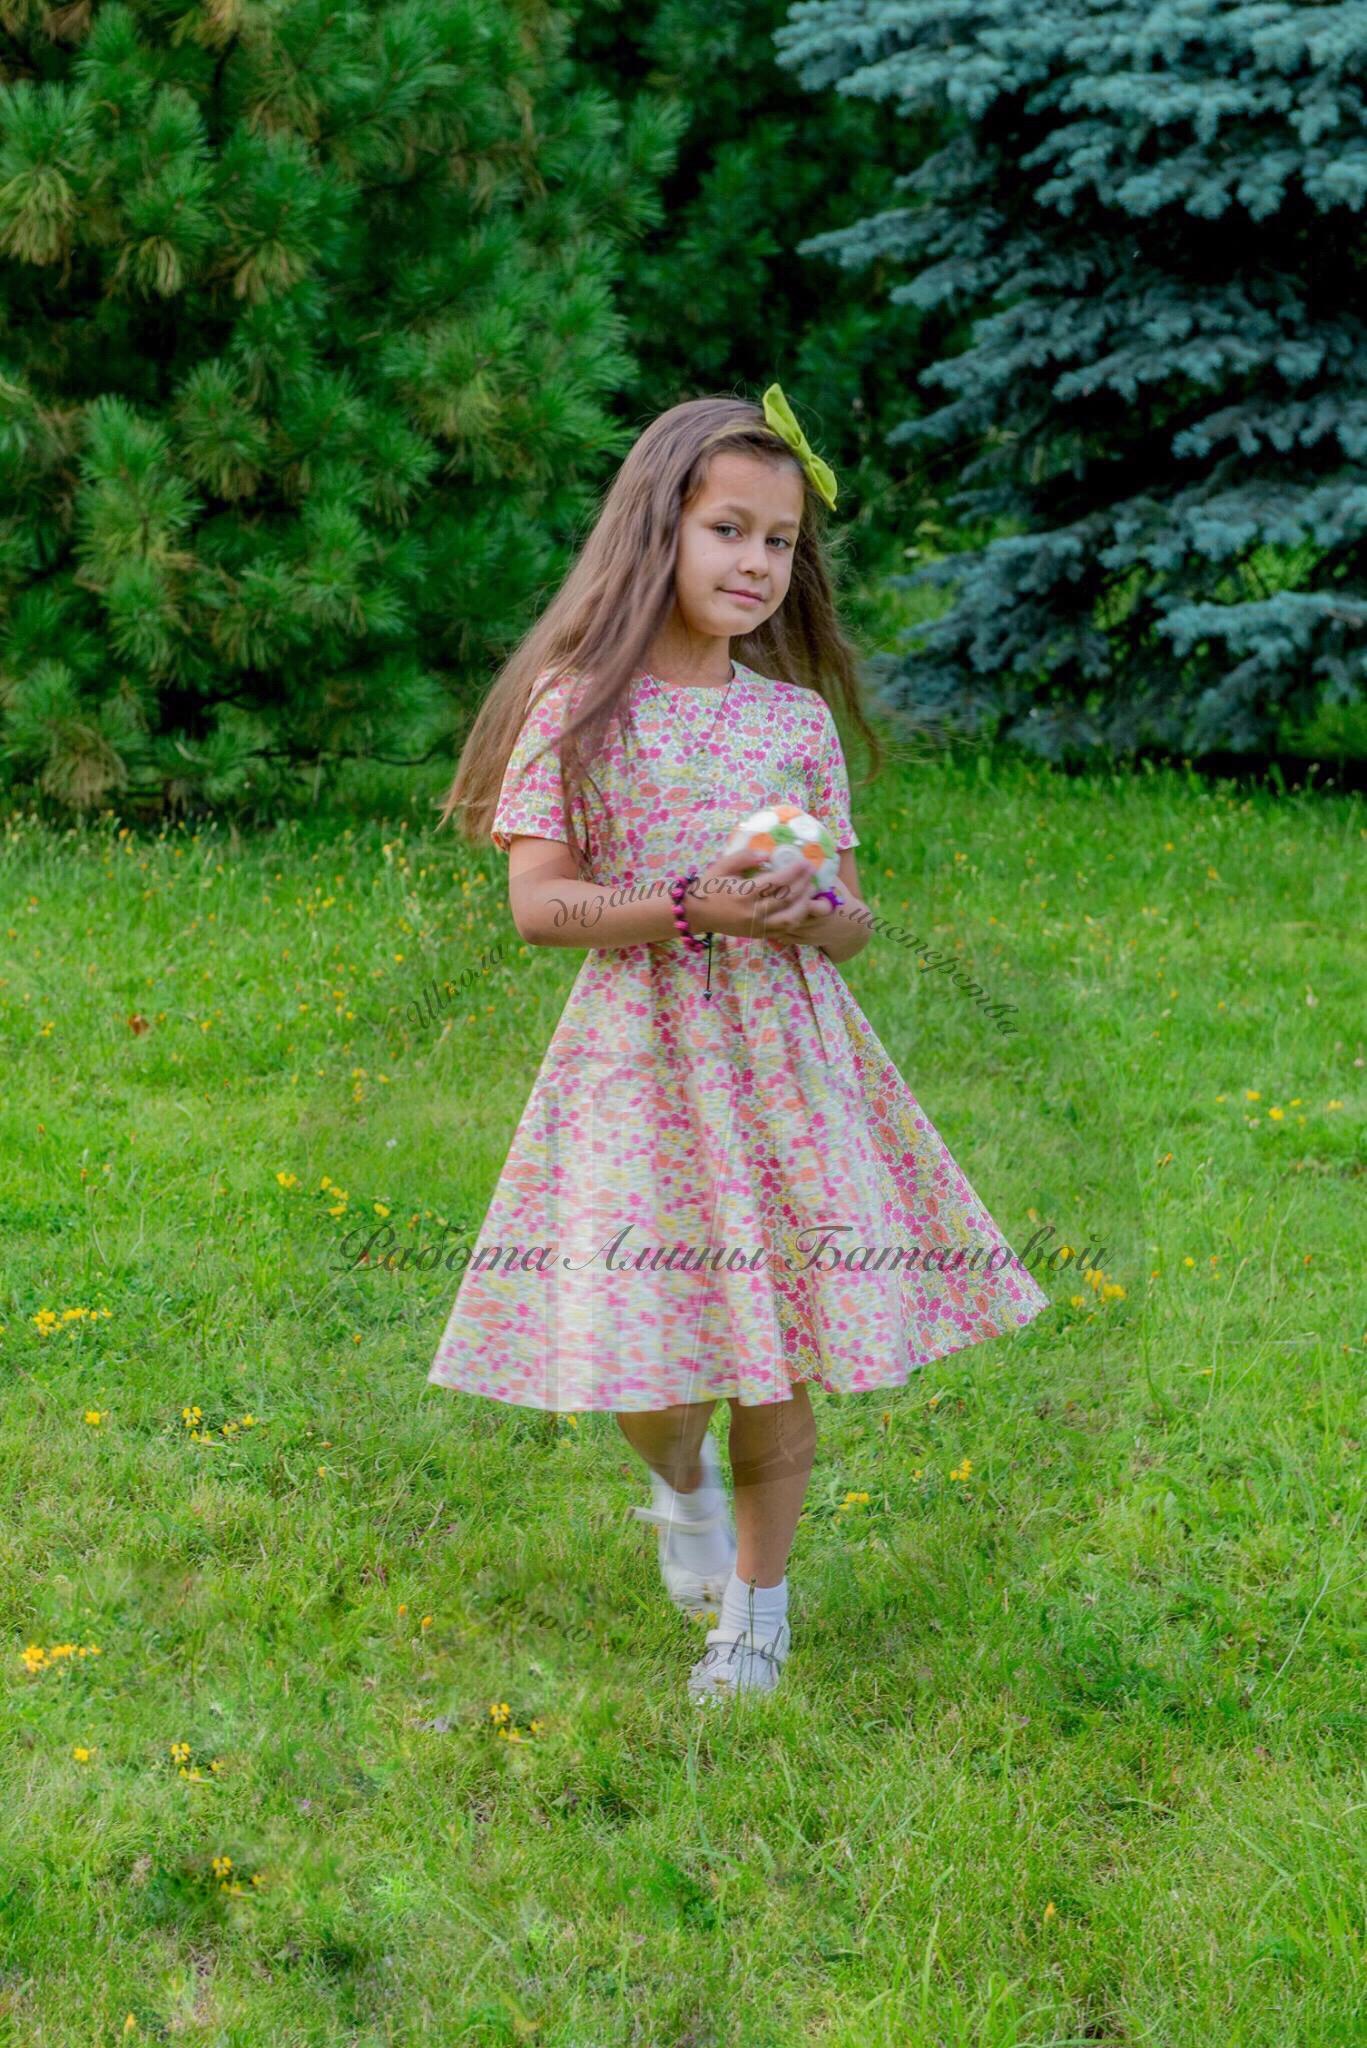 10 Школа дизайнерского мастерства, курсы шитья, шить самой, шить детское платье 10